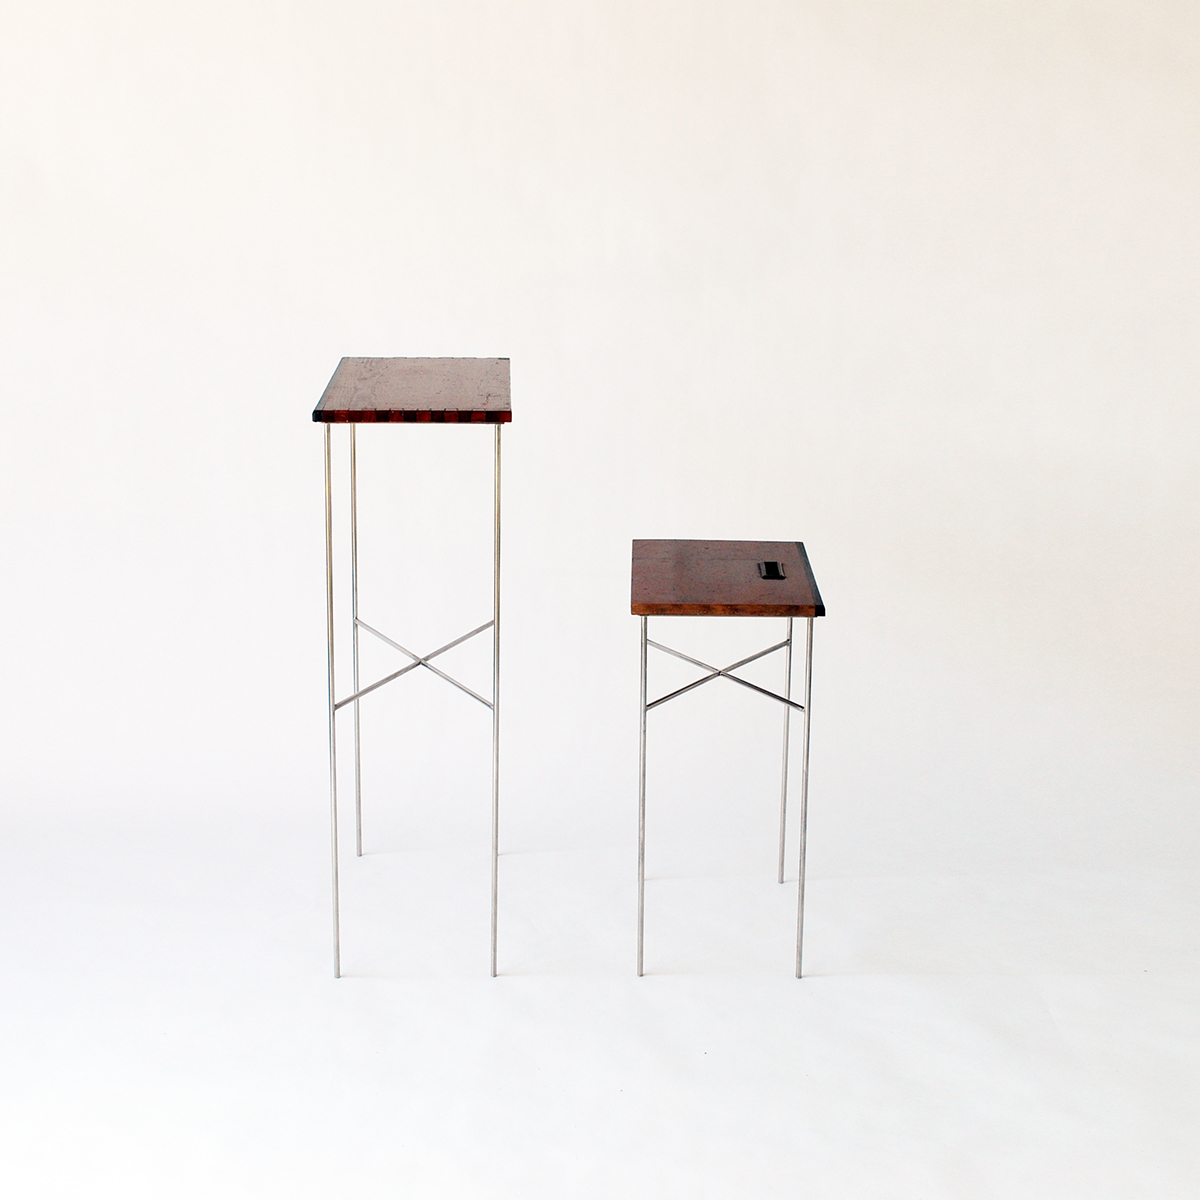 建築設計・プロダクト・グラフィックのデザインを手がけるデザイン事務所です。商品開発から、パッケージ、広告、映像まで、一貫したブランディングデザインに対応できます。福島県福島市森合字西養山15-1